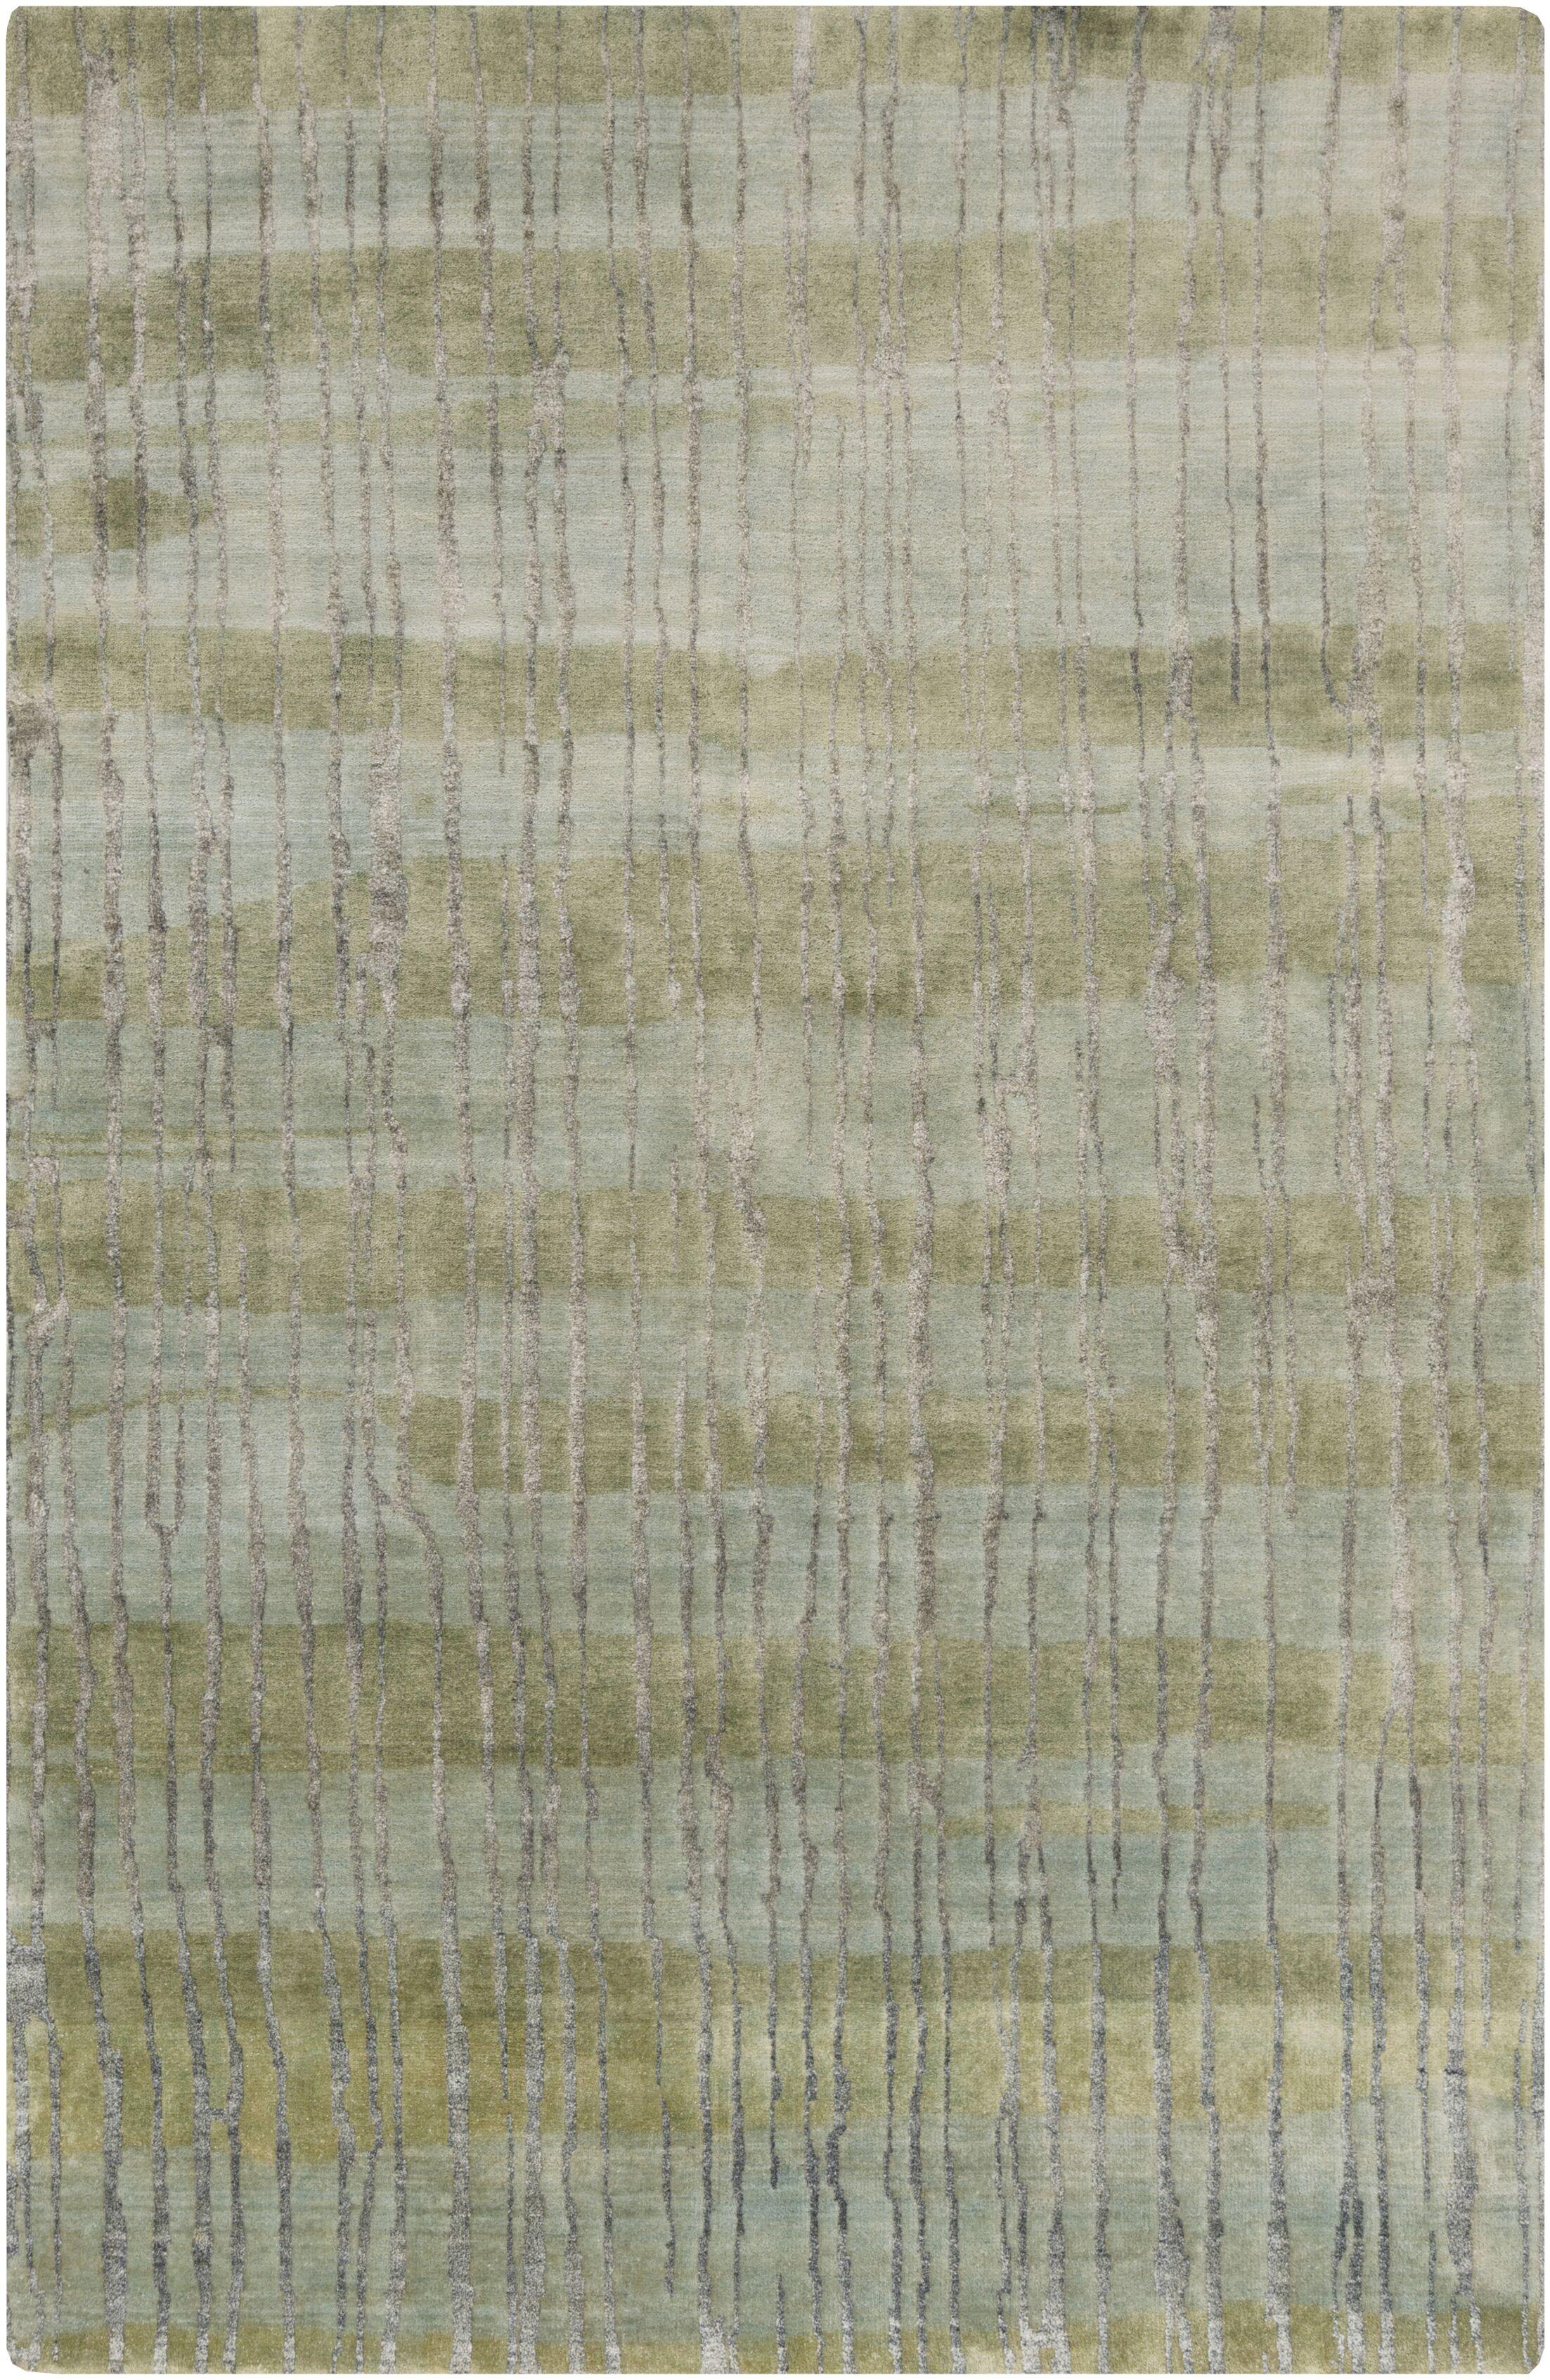 Luminous Moss/Light Gray Area Rug Rug Size: Rectangle 5' x 8'